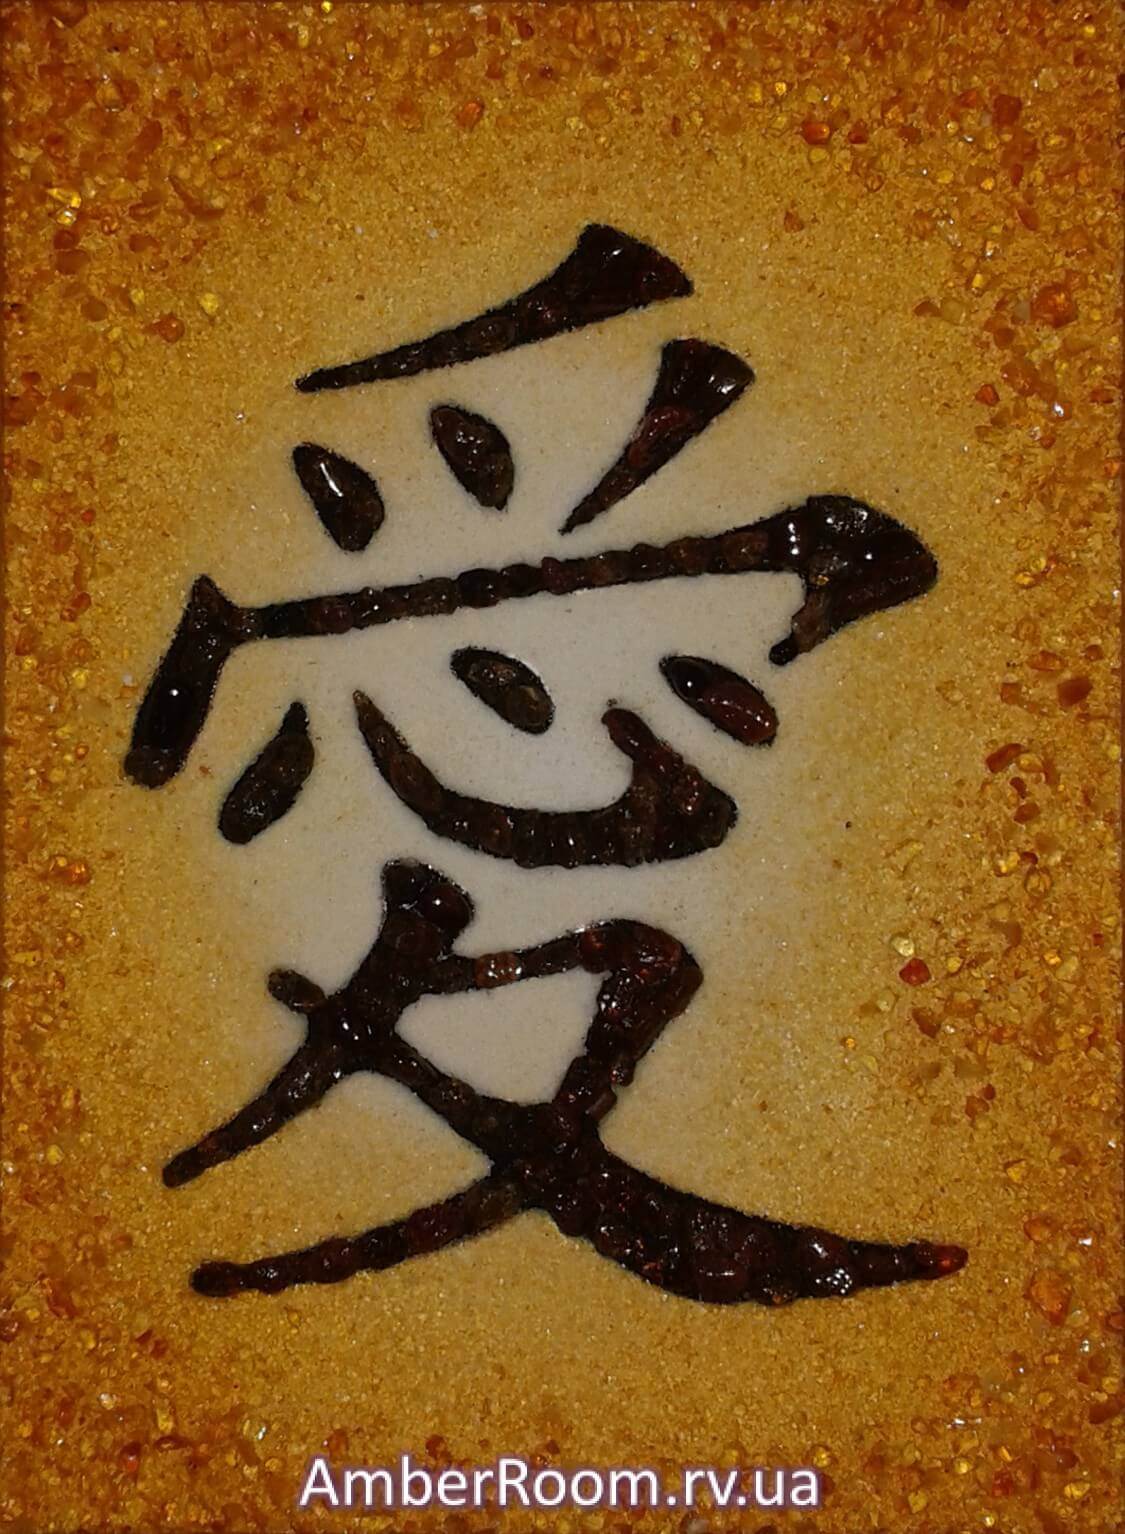 Ієрогліф